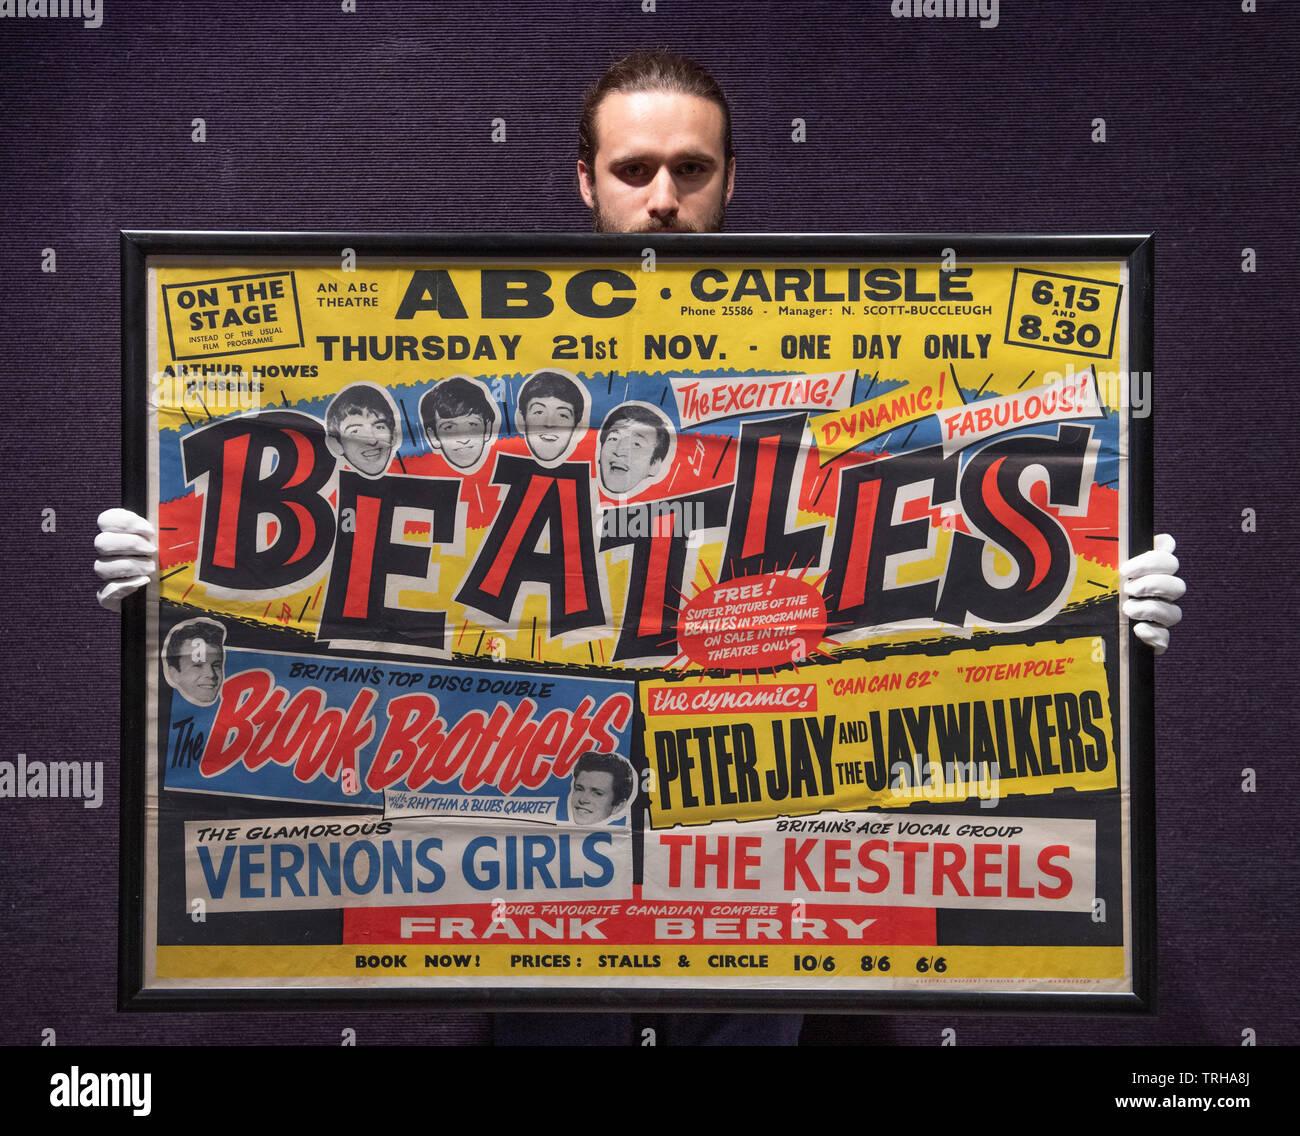 Bonhams, Londres, Royaume-Uni. 6 juin 2019. Vente Bonhams Entertainment Memorabilia essai. L'affiche de concert des Beatles, jeudi 21 novembre 1963, pour l'ABC Carlisle. Estimation: €15 000. Credit: Malcolm Park/Alamy Live News. Photo Stock